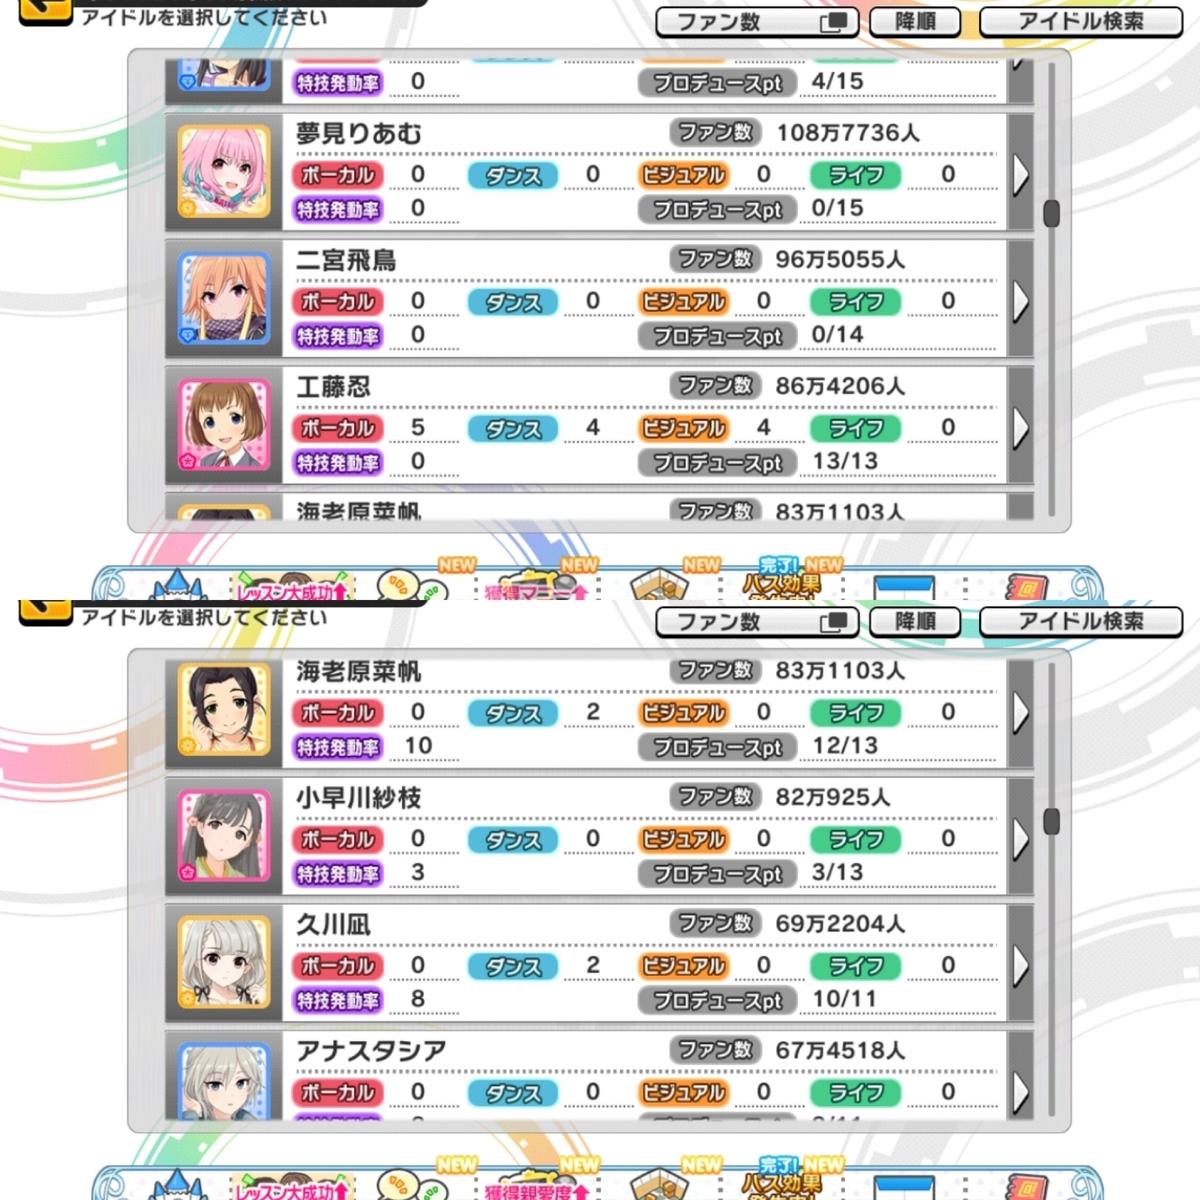 f:id:Kotoha-P_mtf:20211010160834j:plain